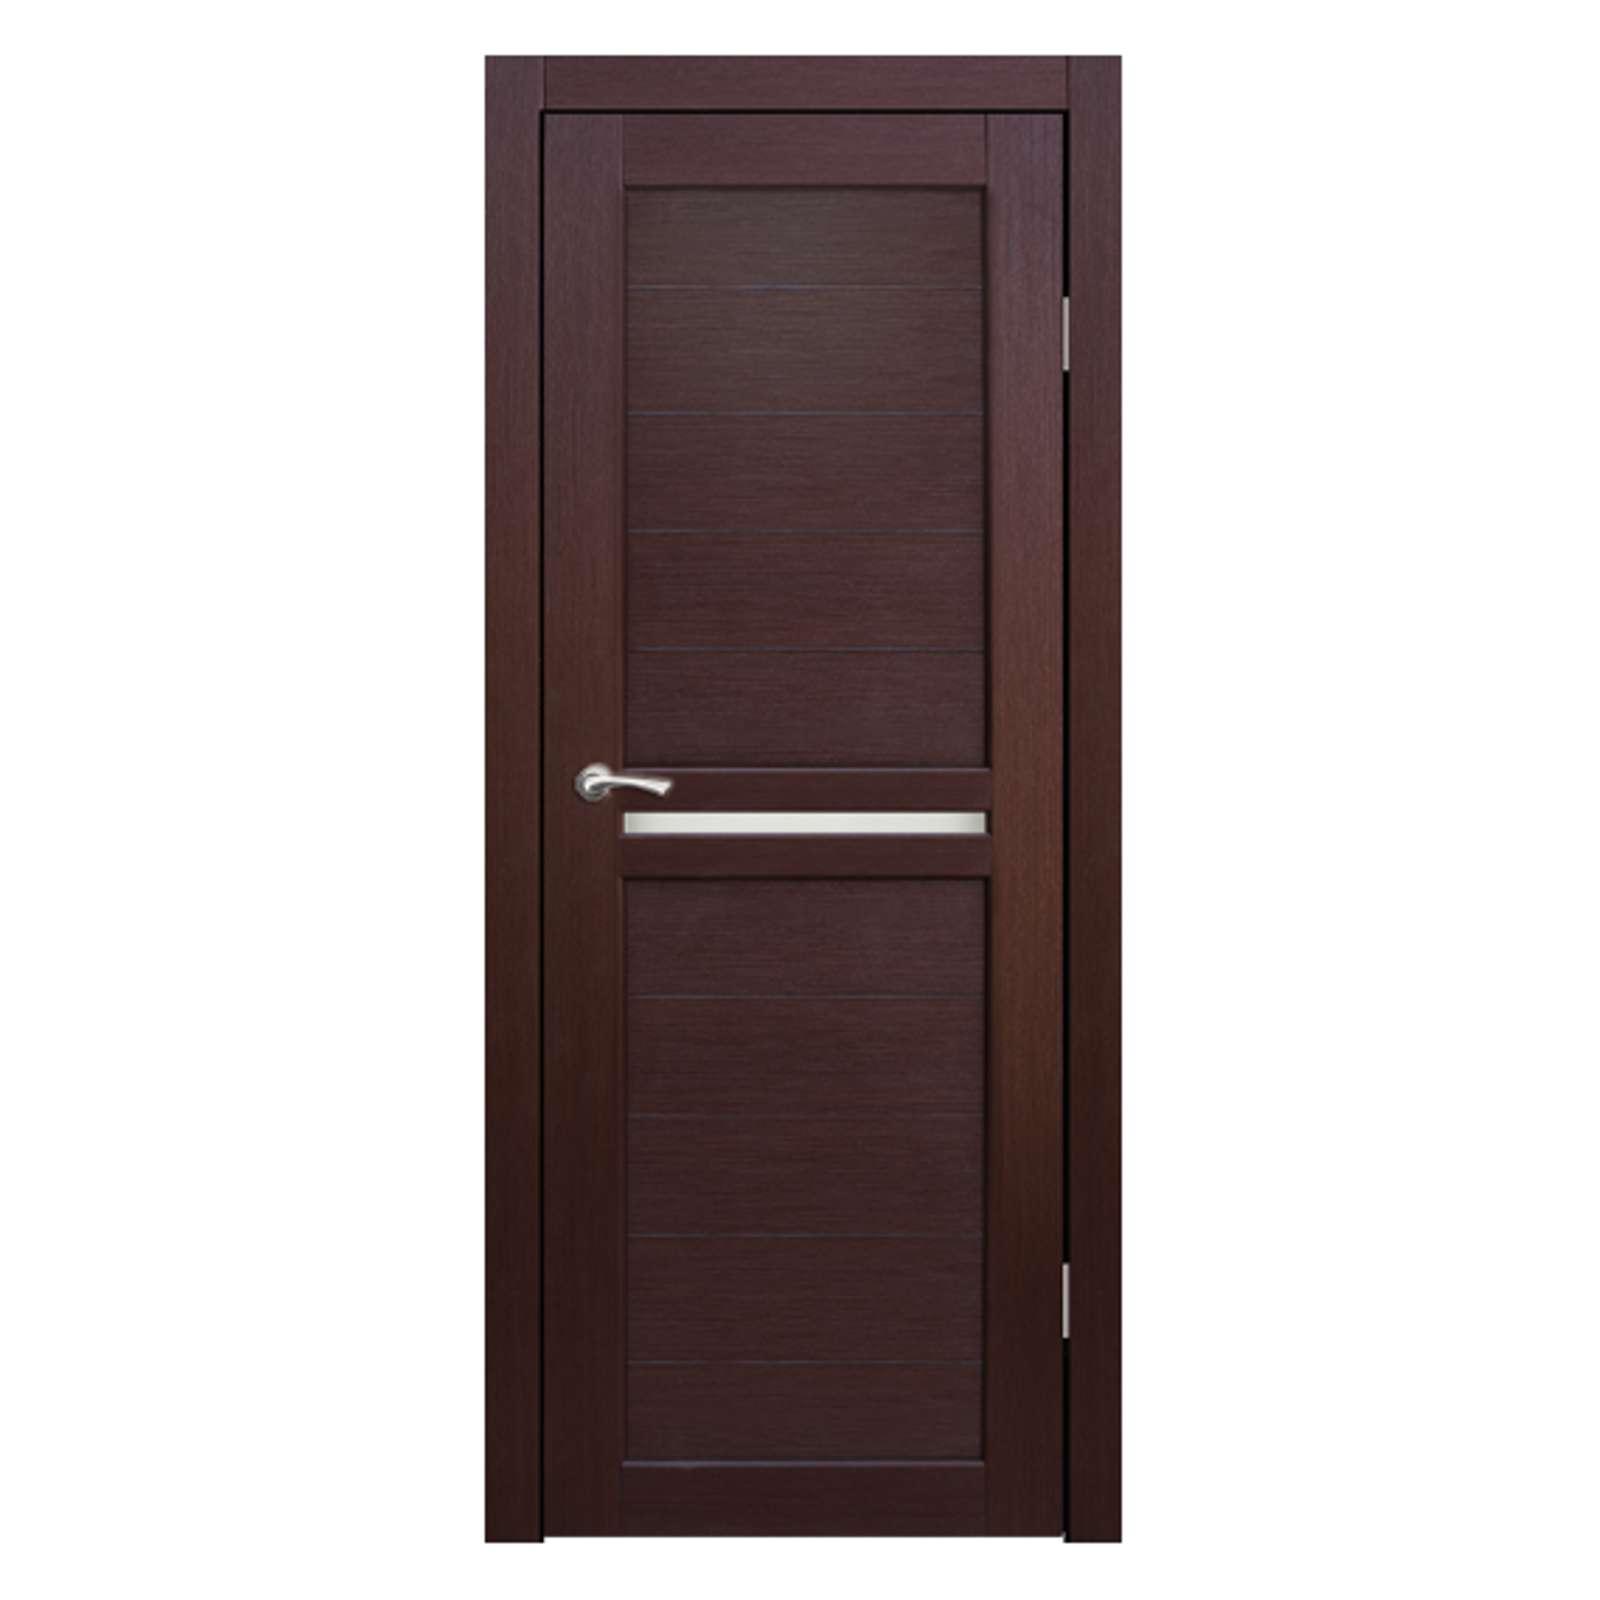 Дверное полотно Синержи Лацио, Ноче кремоне, ПДГ 700Х2000ММ